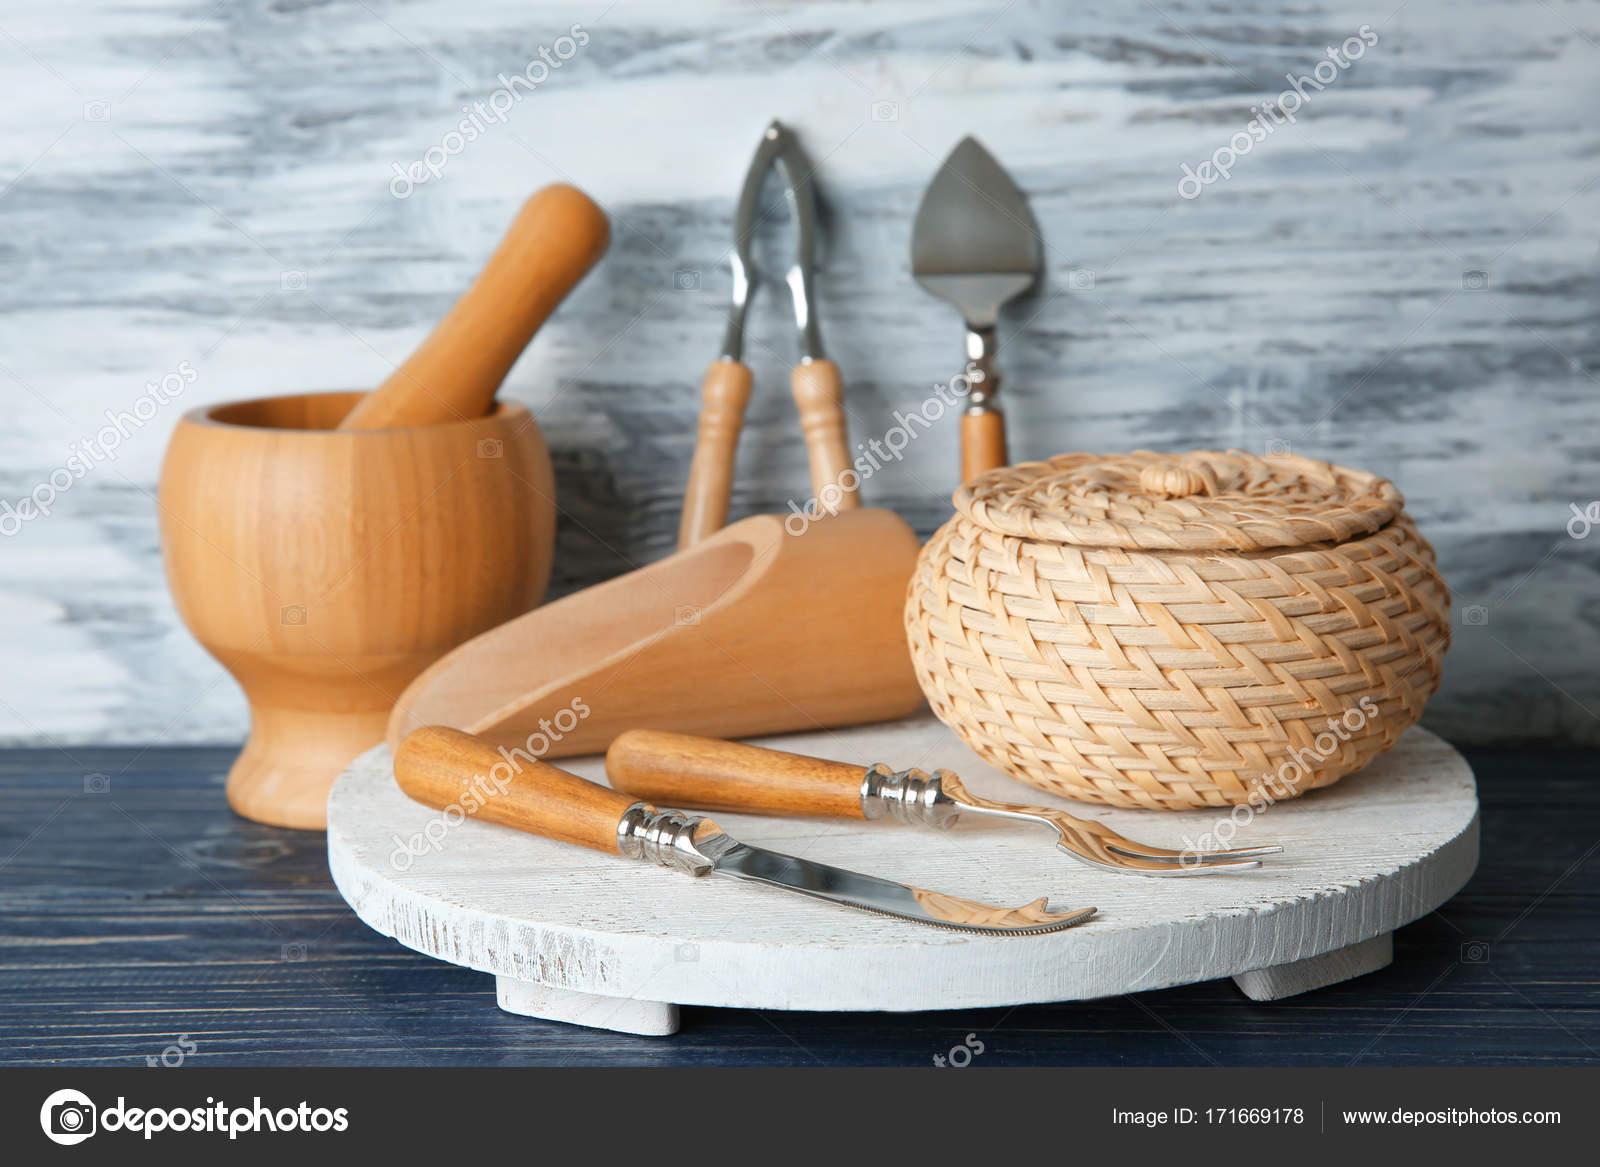 composition avec des ustensiles de cuisine sur la table photographie belchonock 171669178. Black Bedroom Furniture Sets. Home Design Ideas